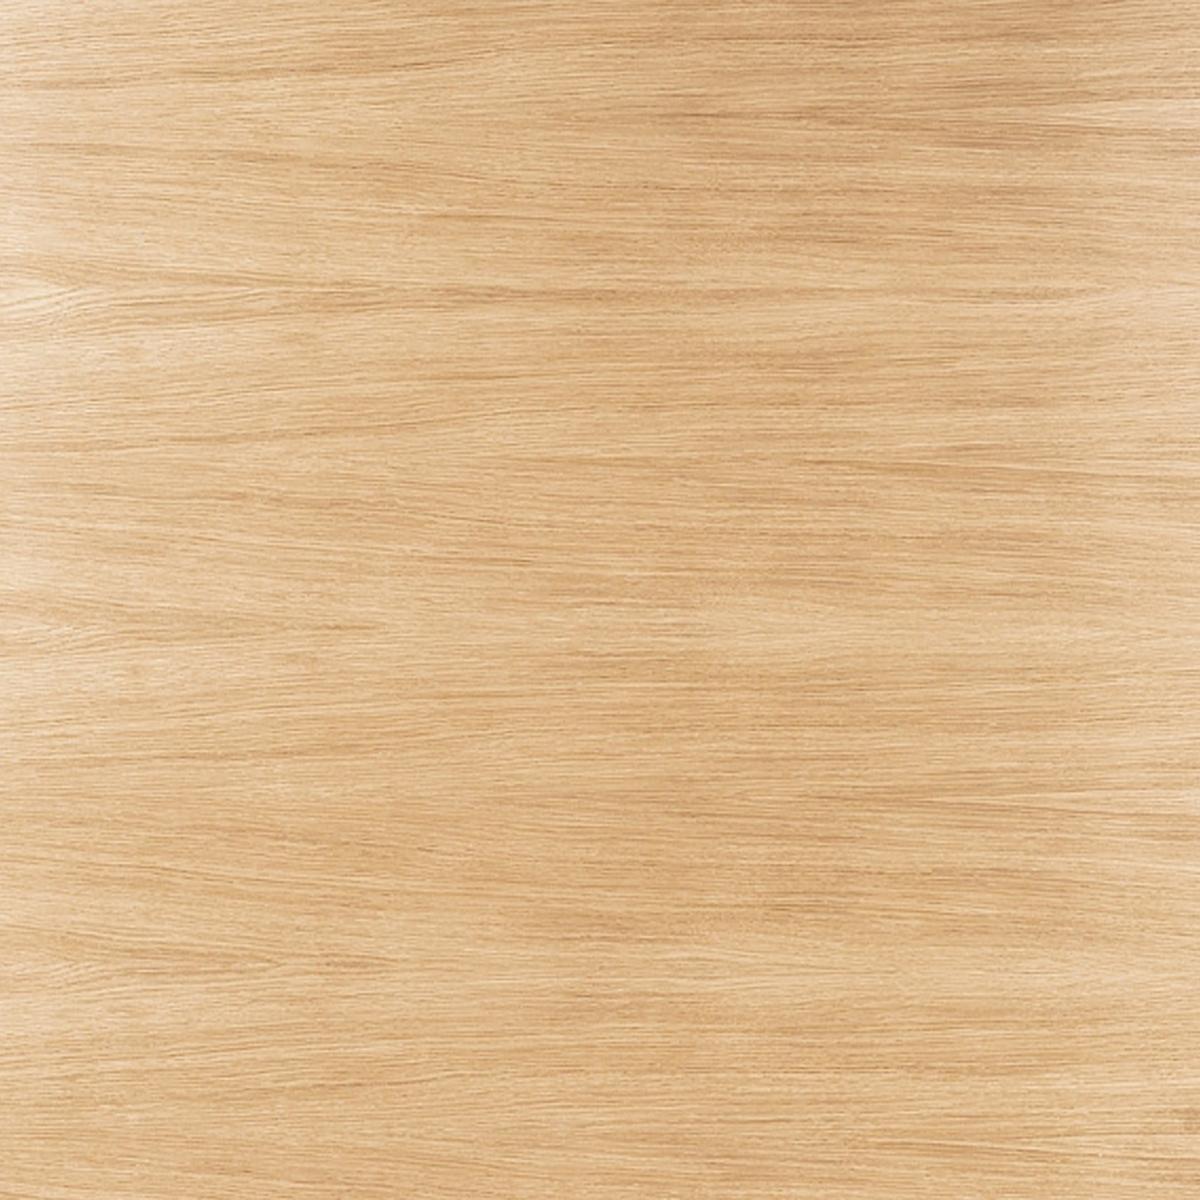 Esstisch Furnier 504134-1